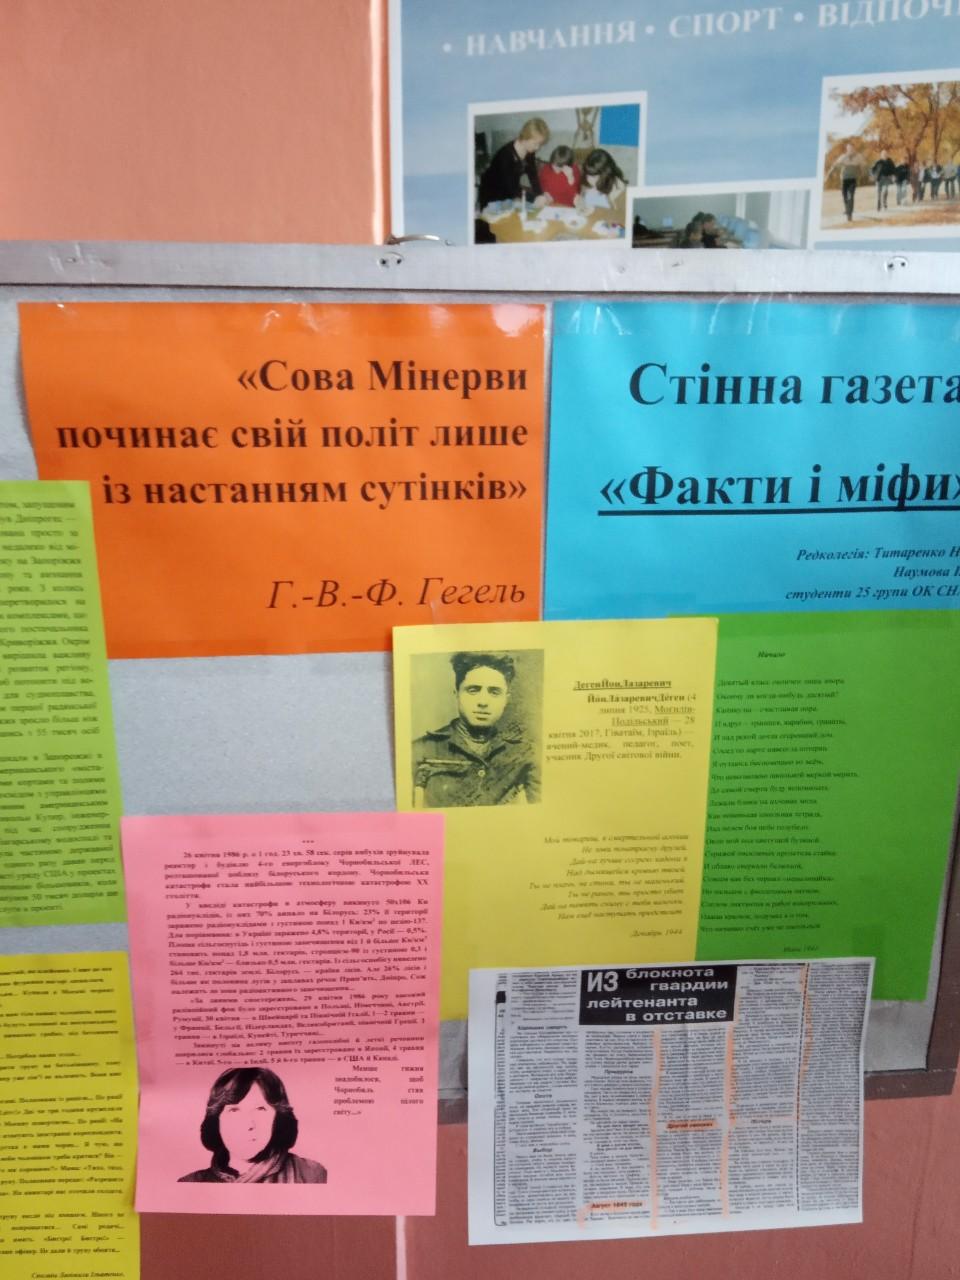 Стінна газета  «Факти і міфи» формує політичну культуру студентів.